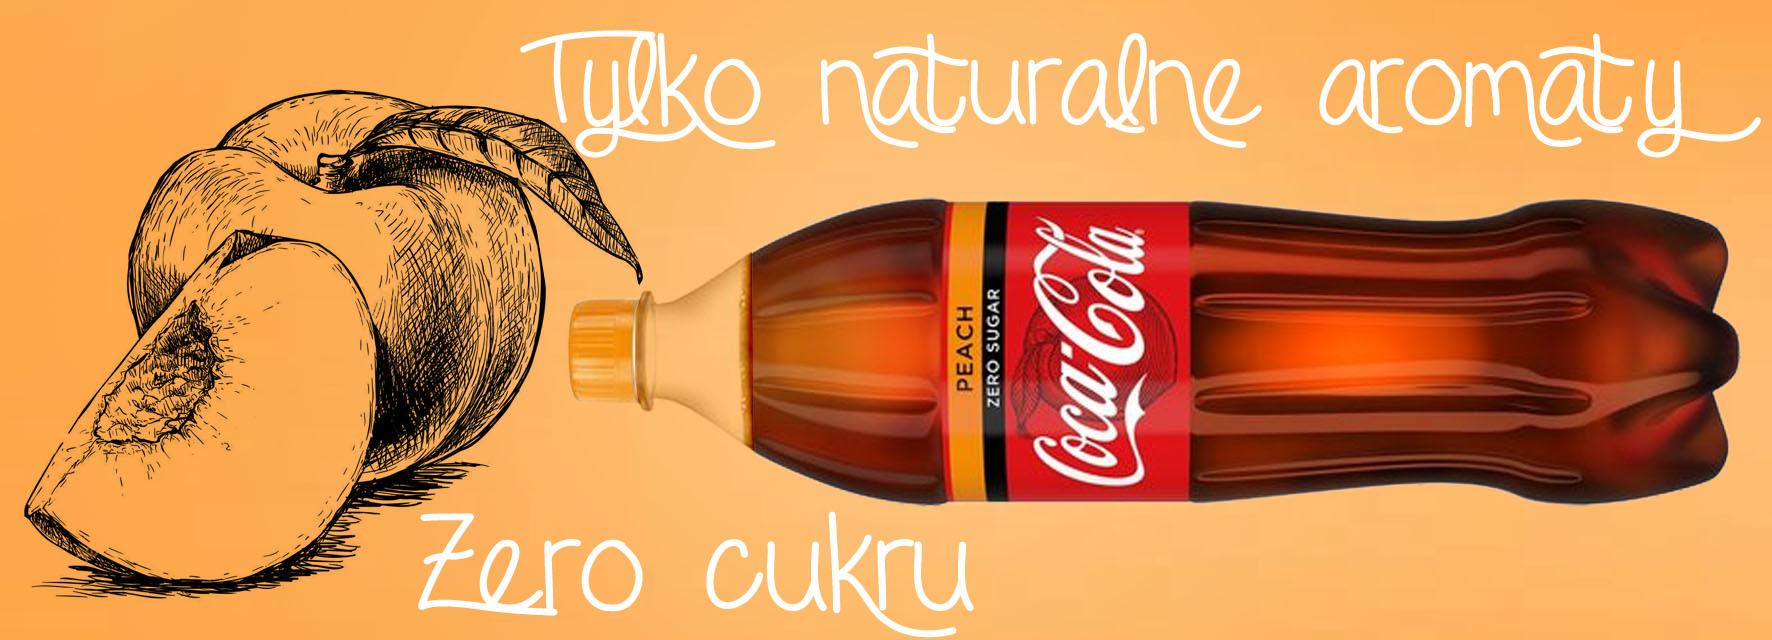 Brzoskwiniowa Coca Cola Peach Zero